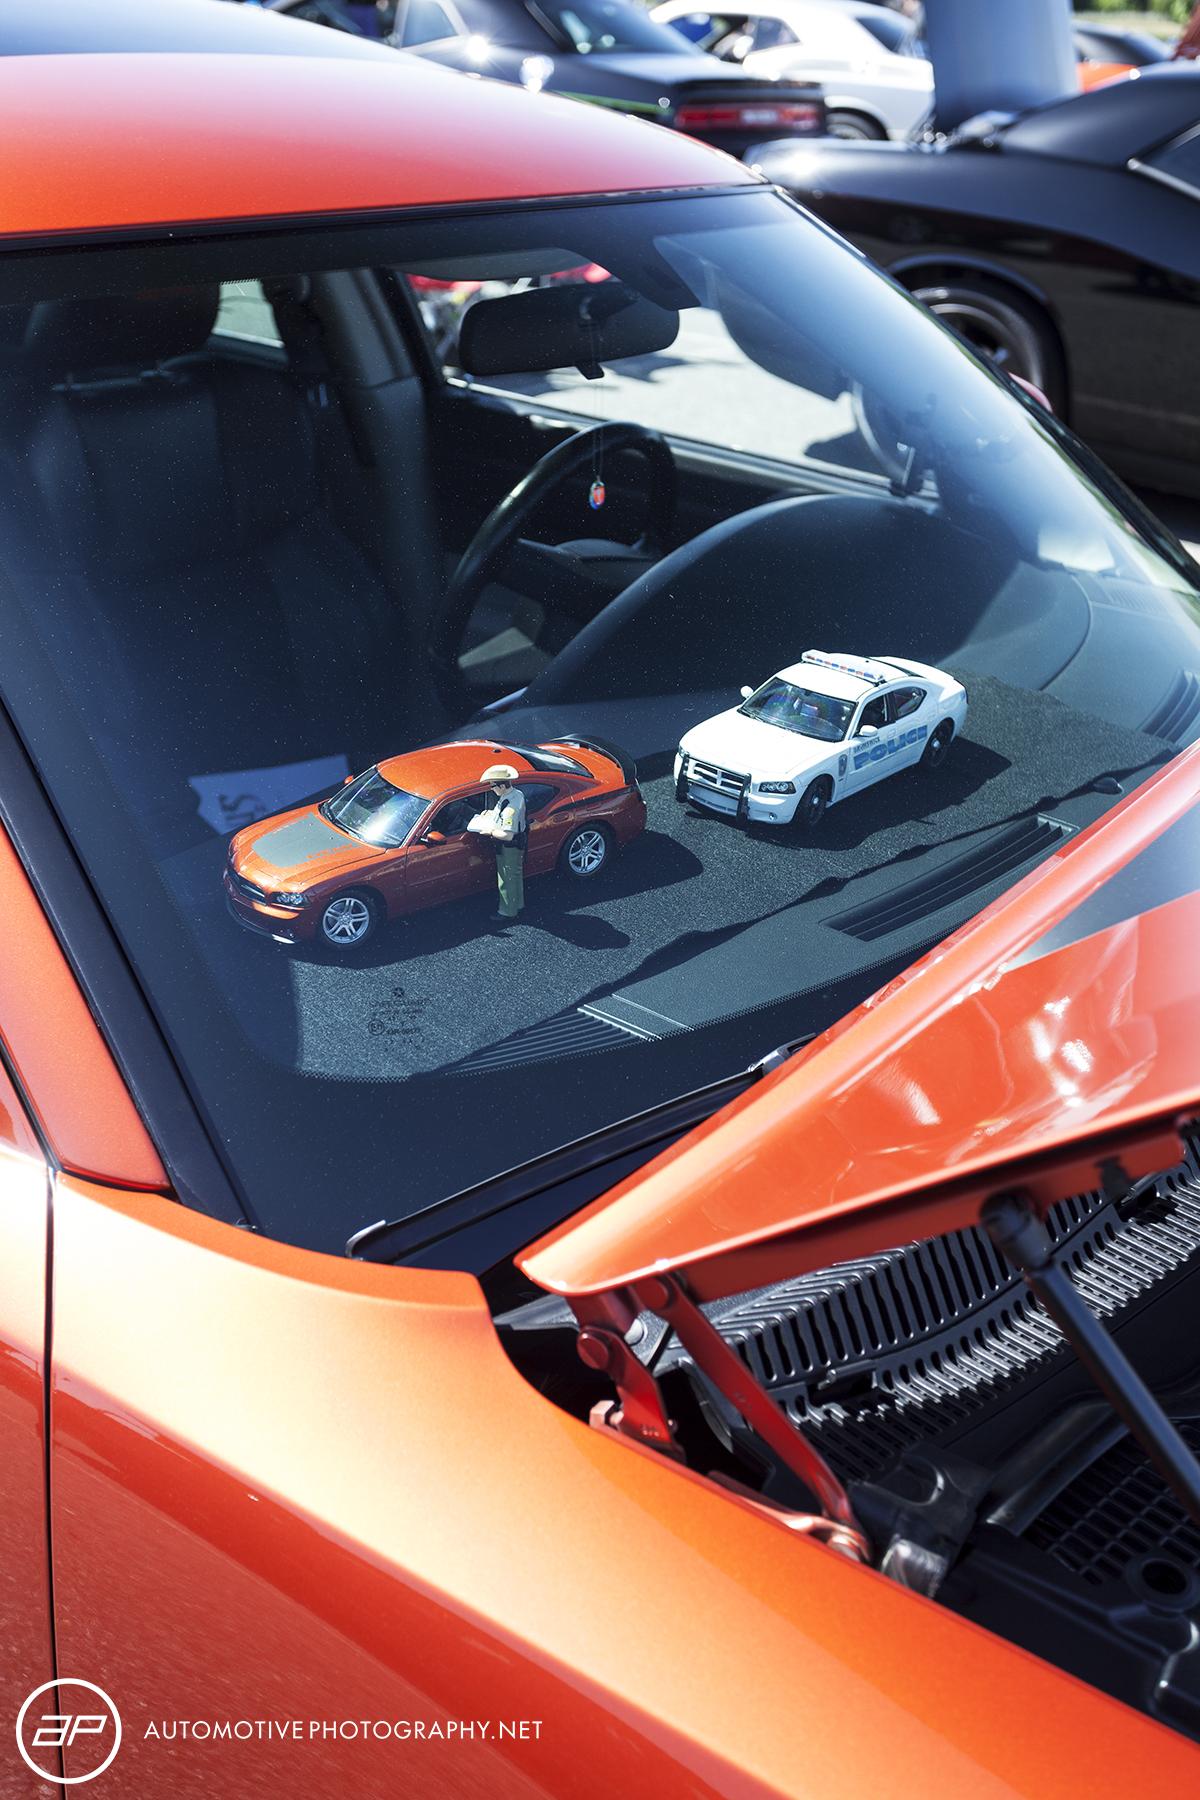 Dodge Charger - Daytona Orange